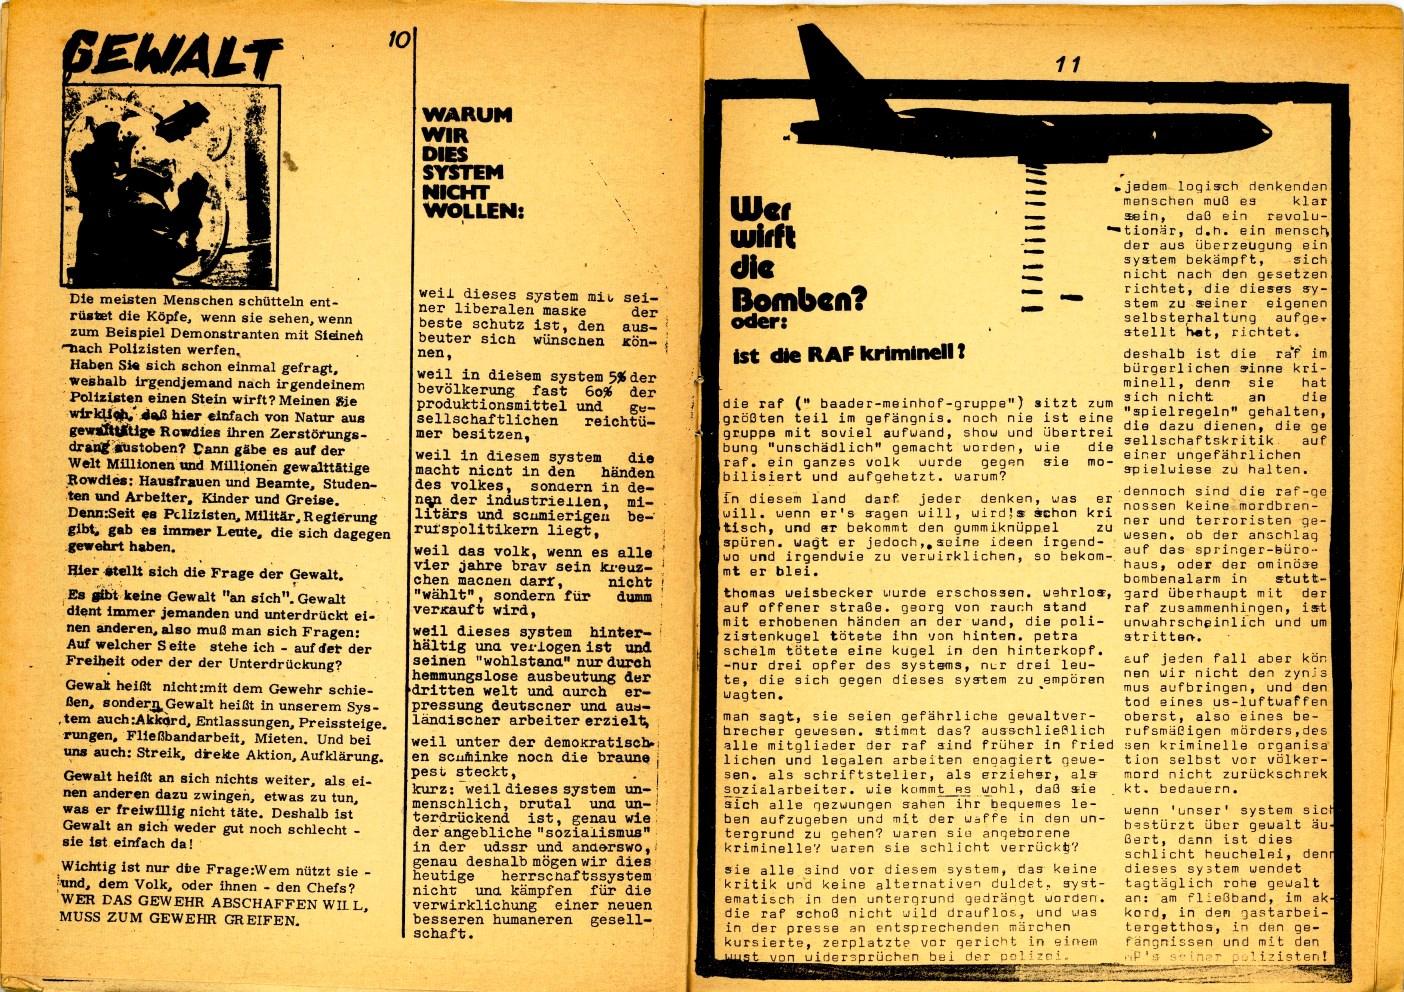 Wetzlar_RH_SK_Nachrichten_1974_07_08_06